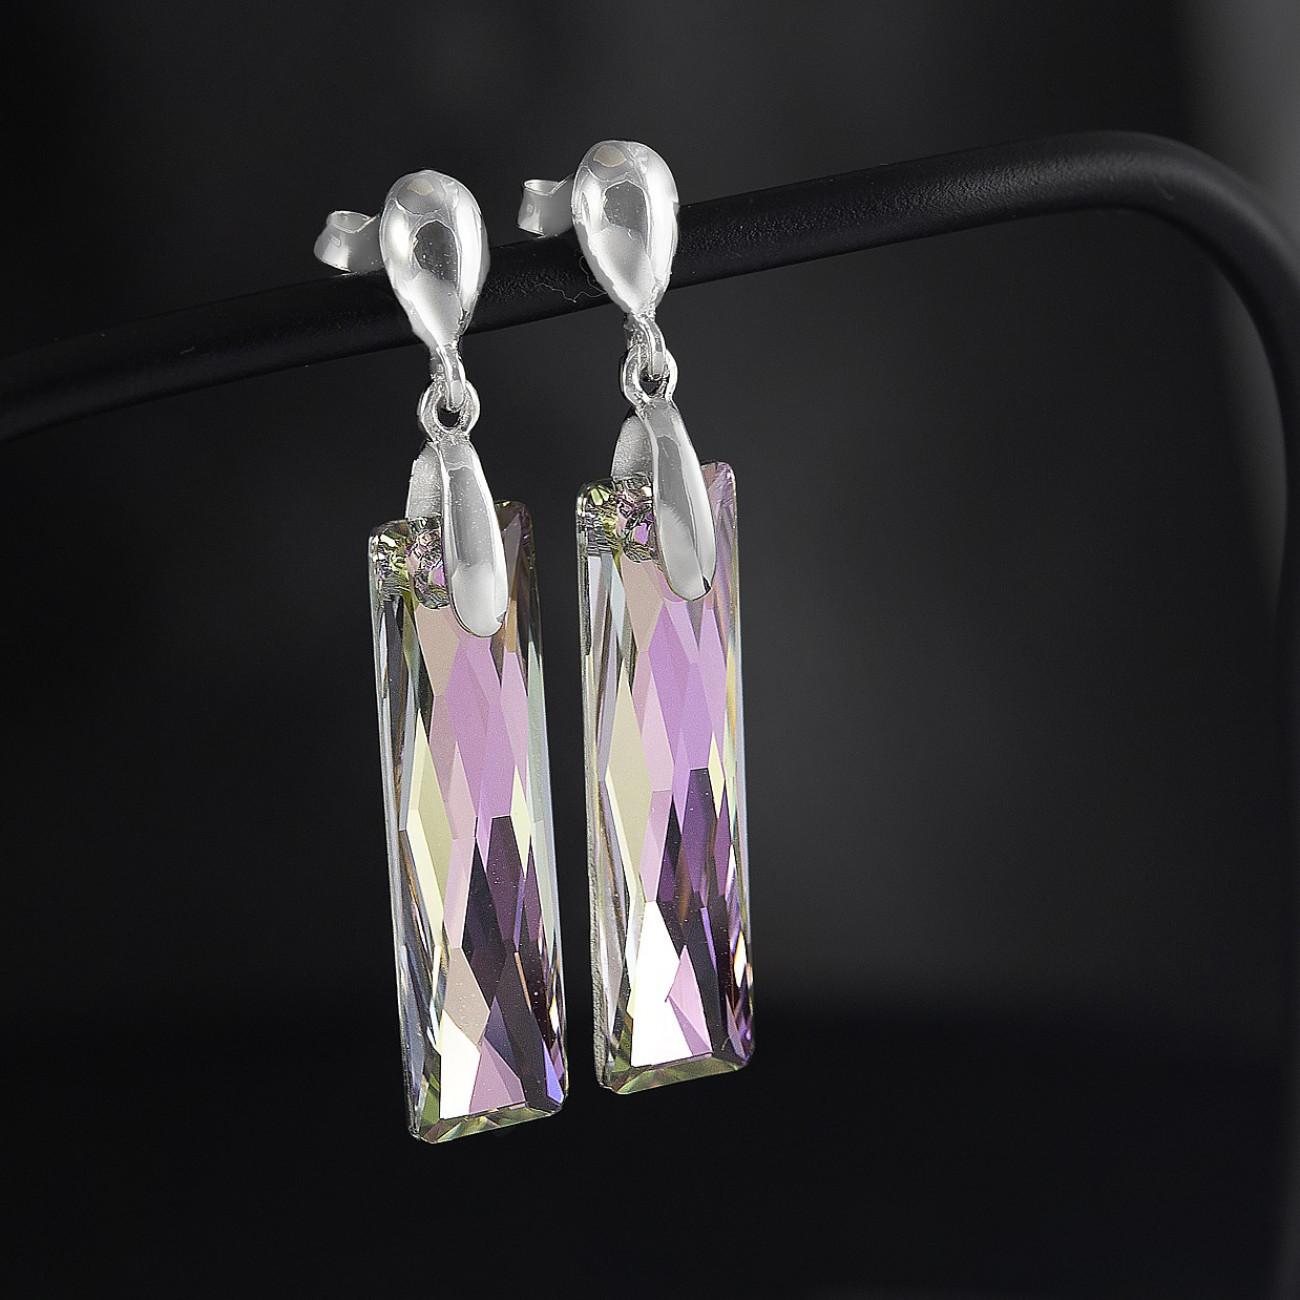 Luxusní náušnice Savour s pravým krystalem Swarovski vitrail light